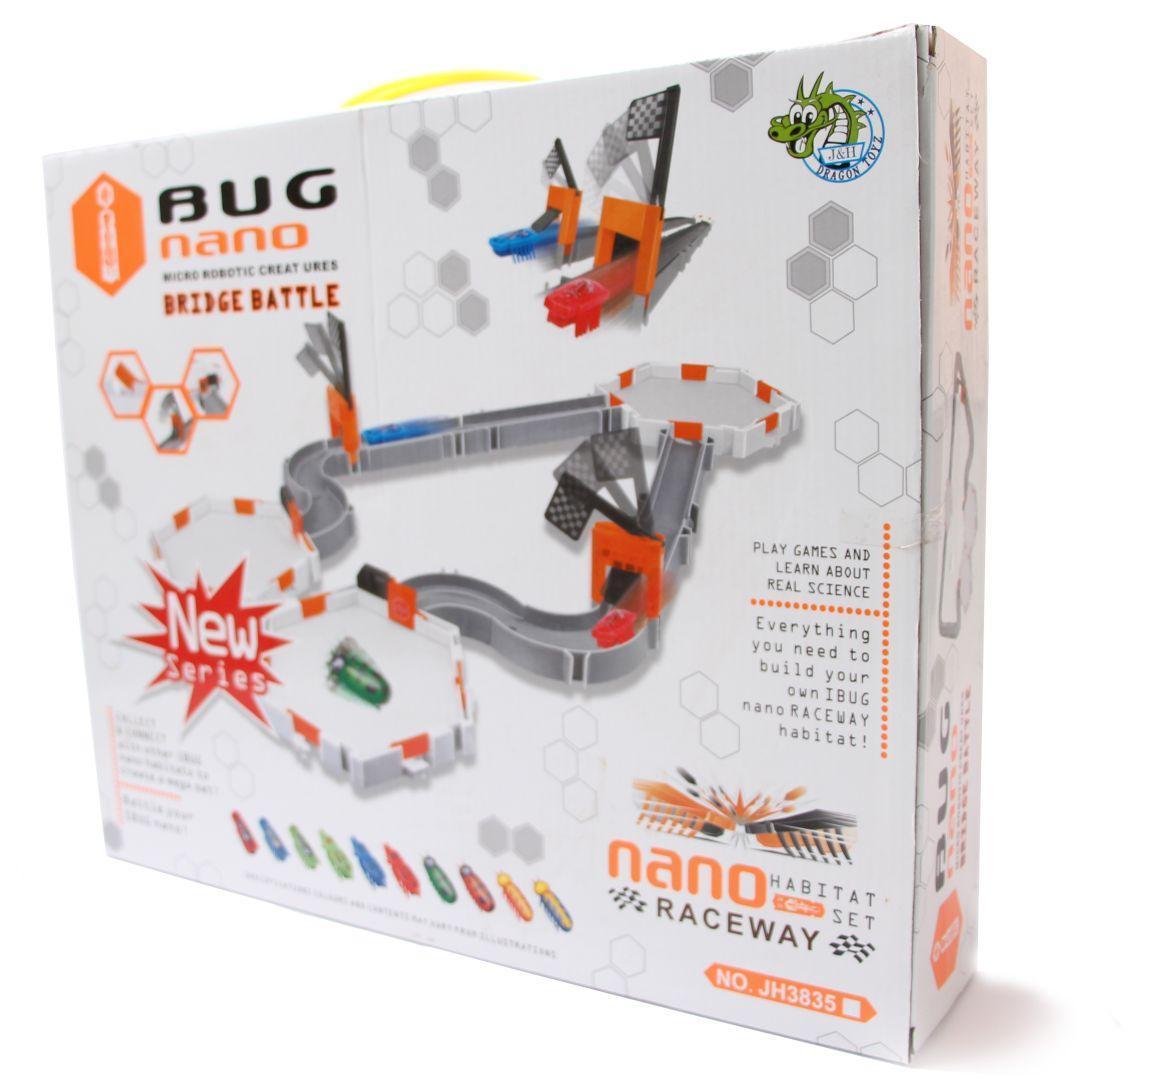 Игровой набор авто трек HEXBUG NANO RACEWAY - Детские железные дороги, автотреки